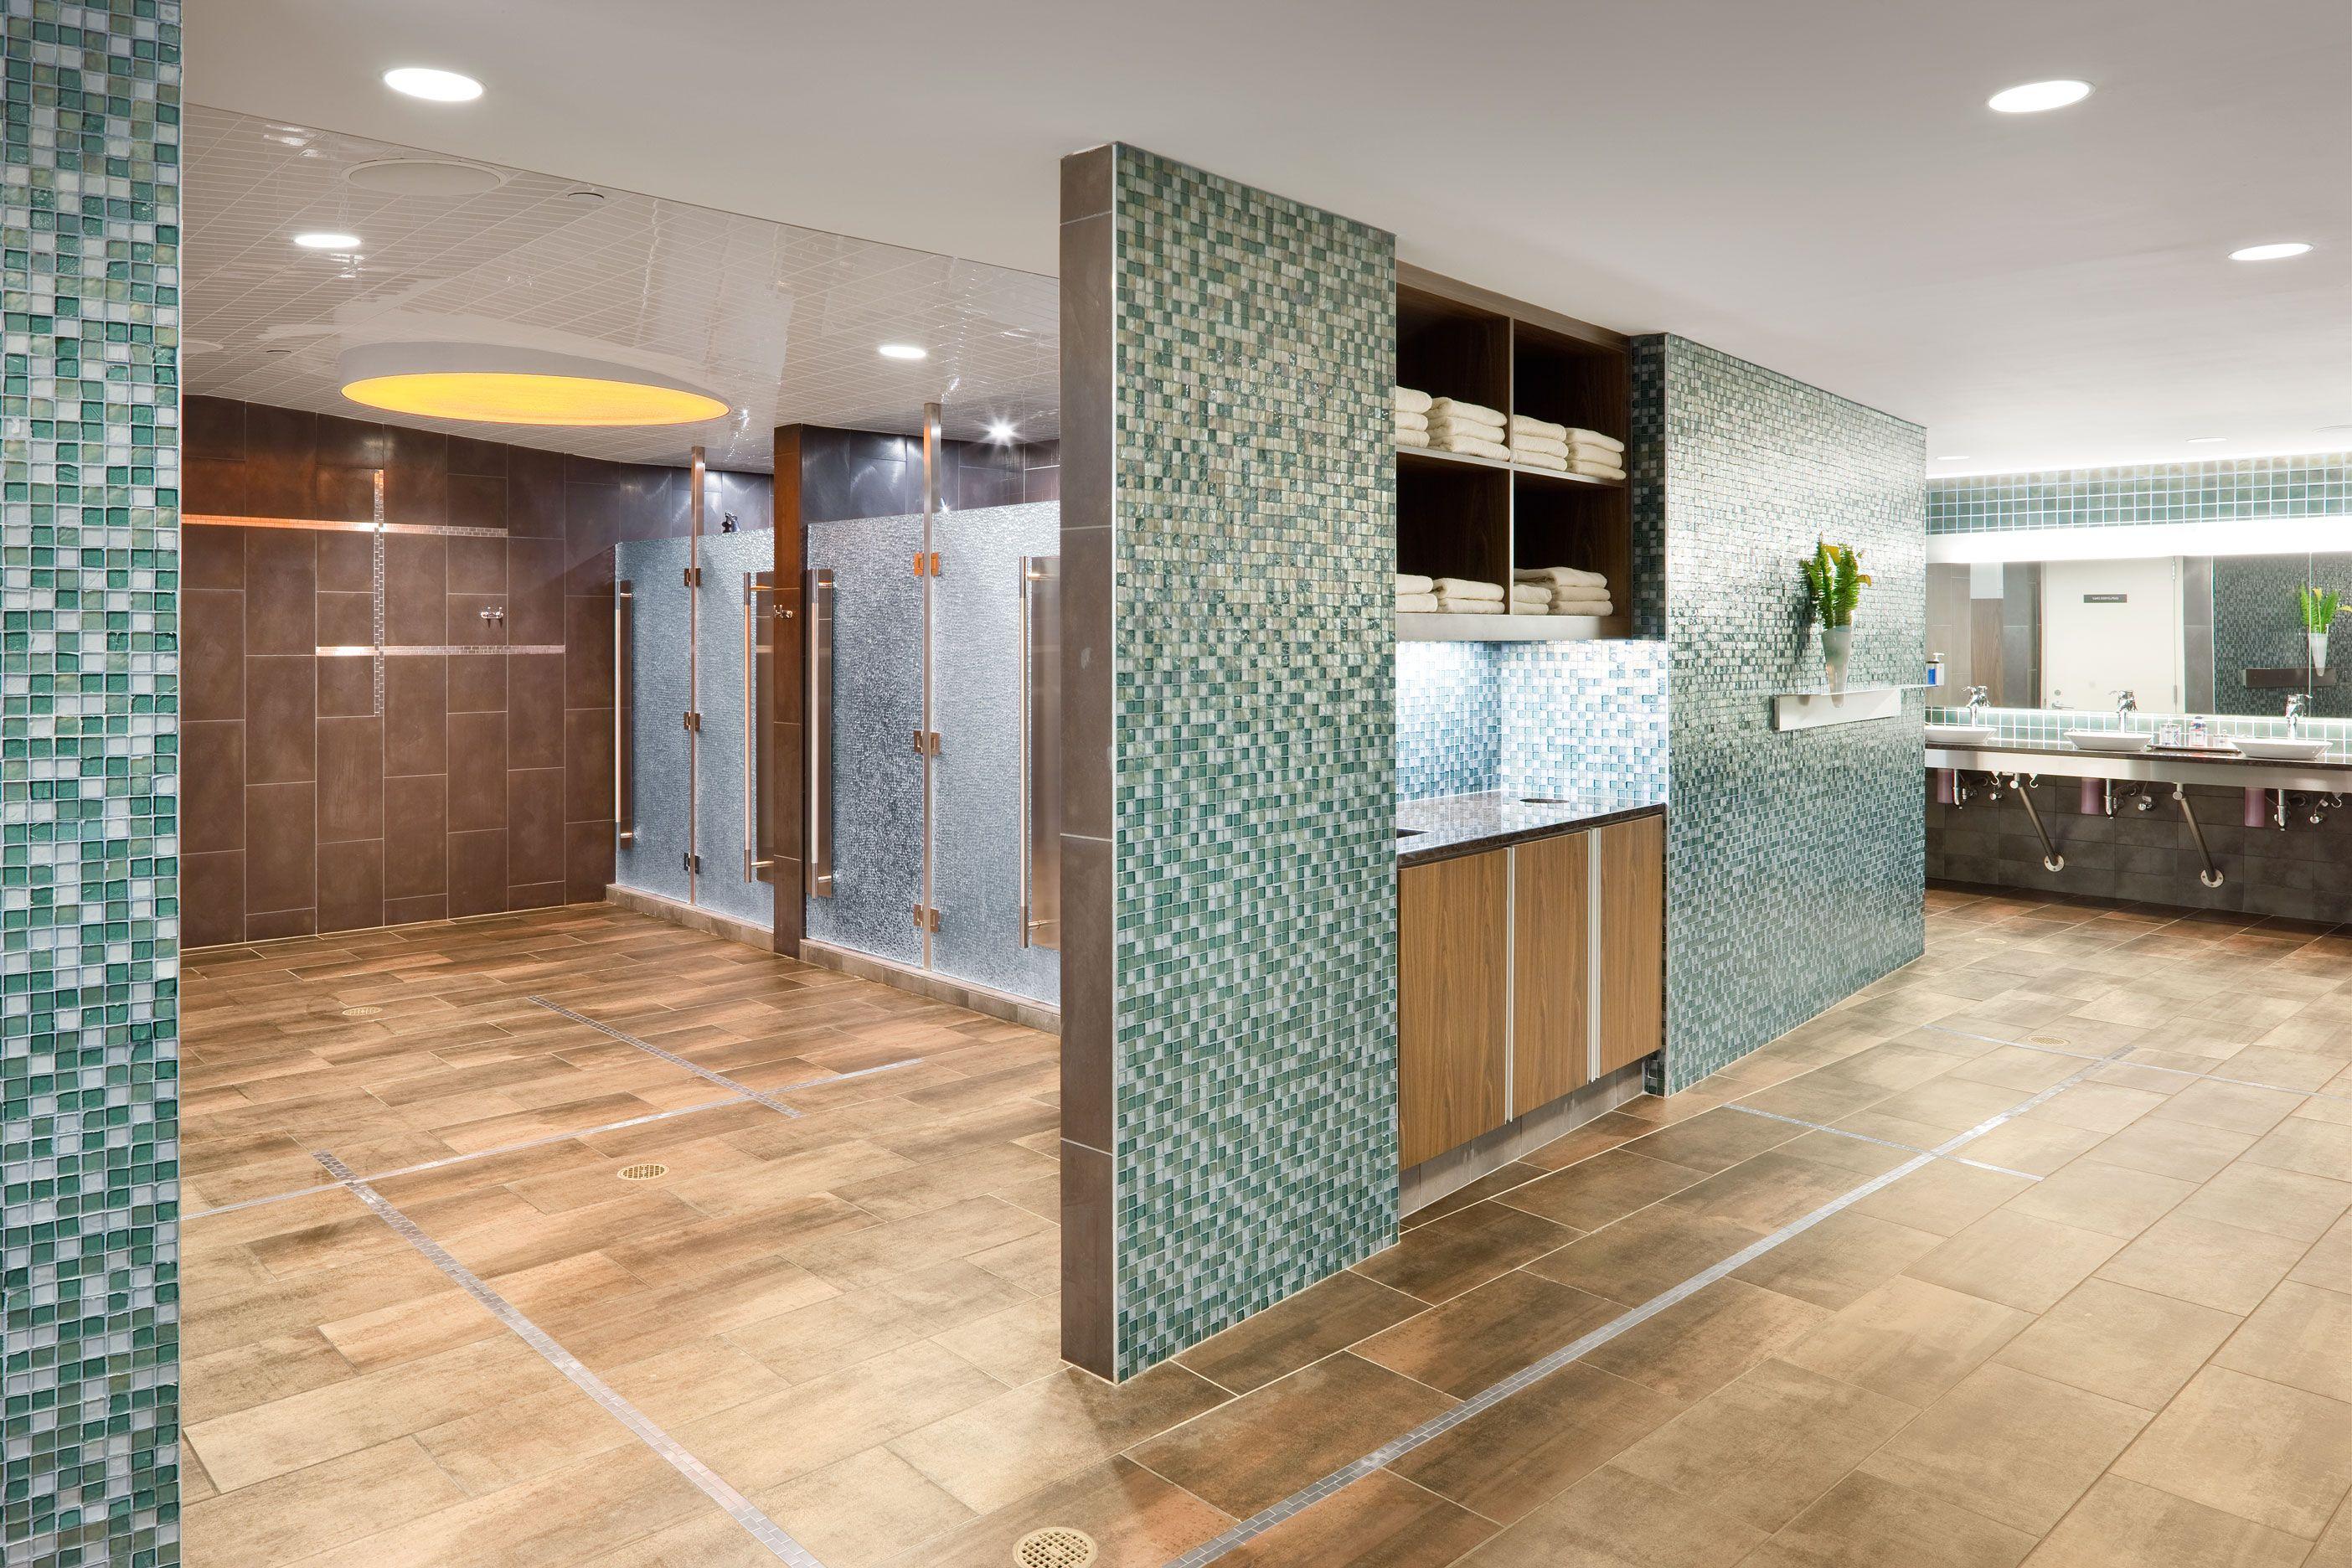 Equinox 225 Franklin St  Locker Room #boston #interiordesign